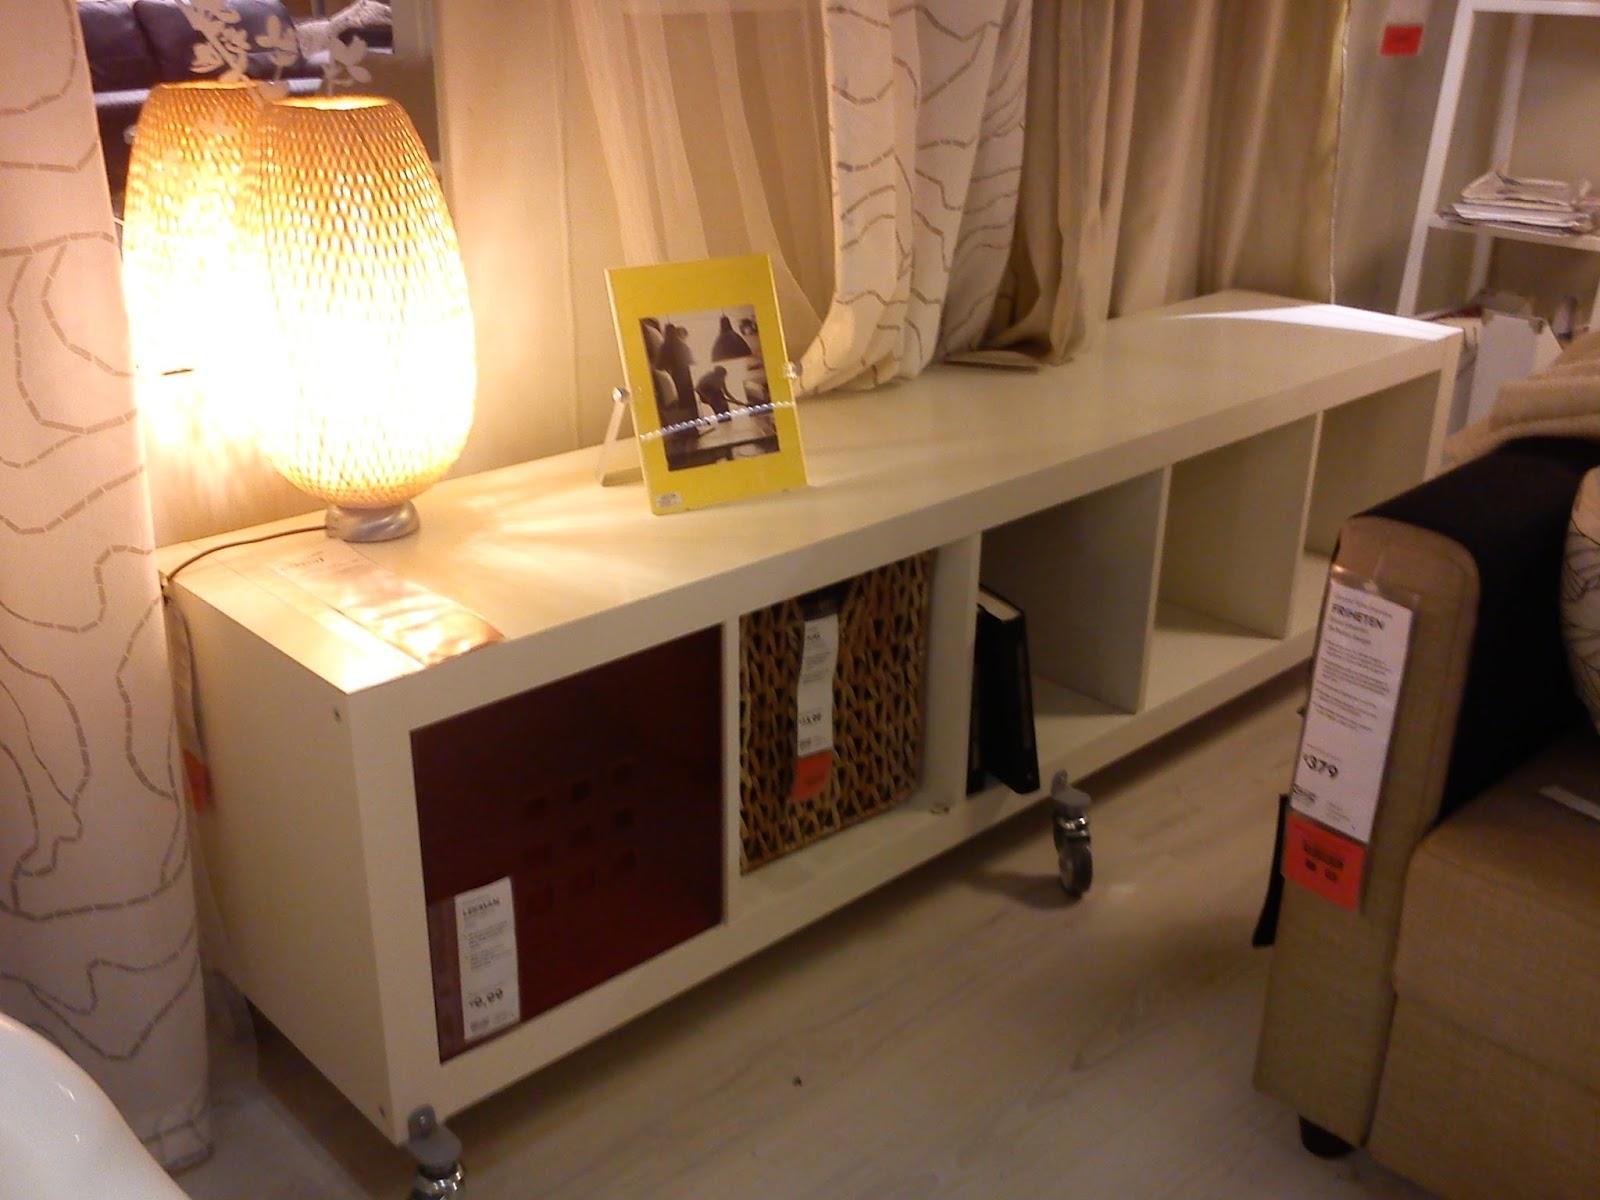 Ikea e momichan panca per il salotto - Panca contenitore ikea ...